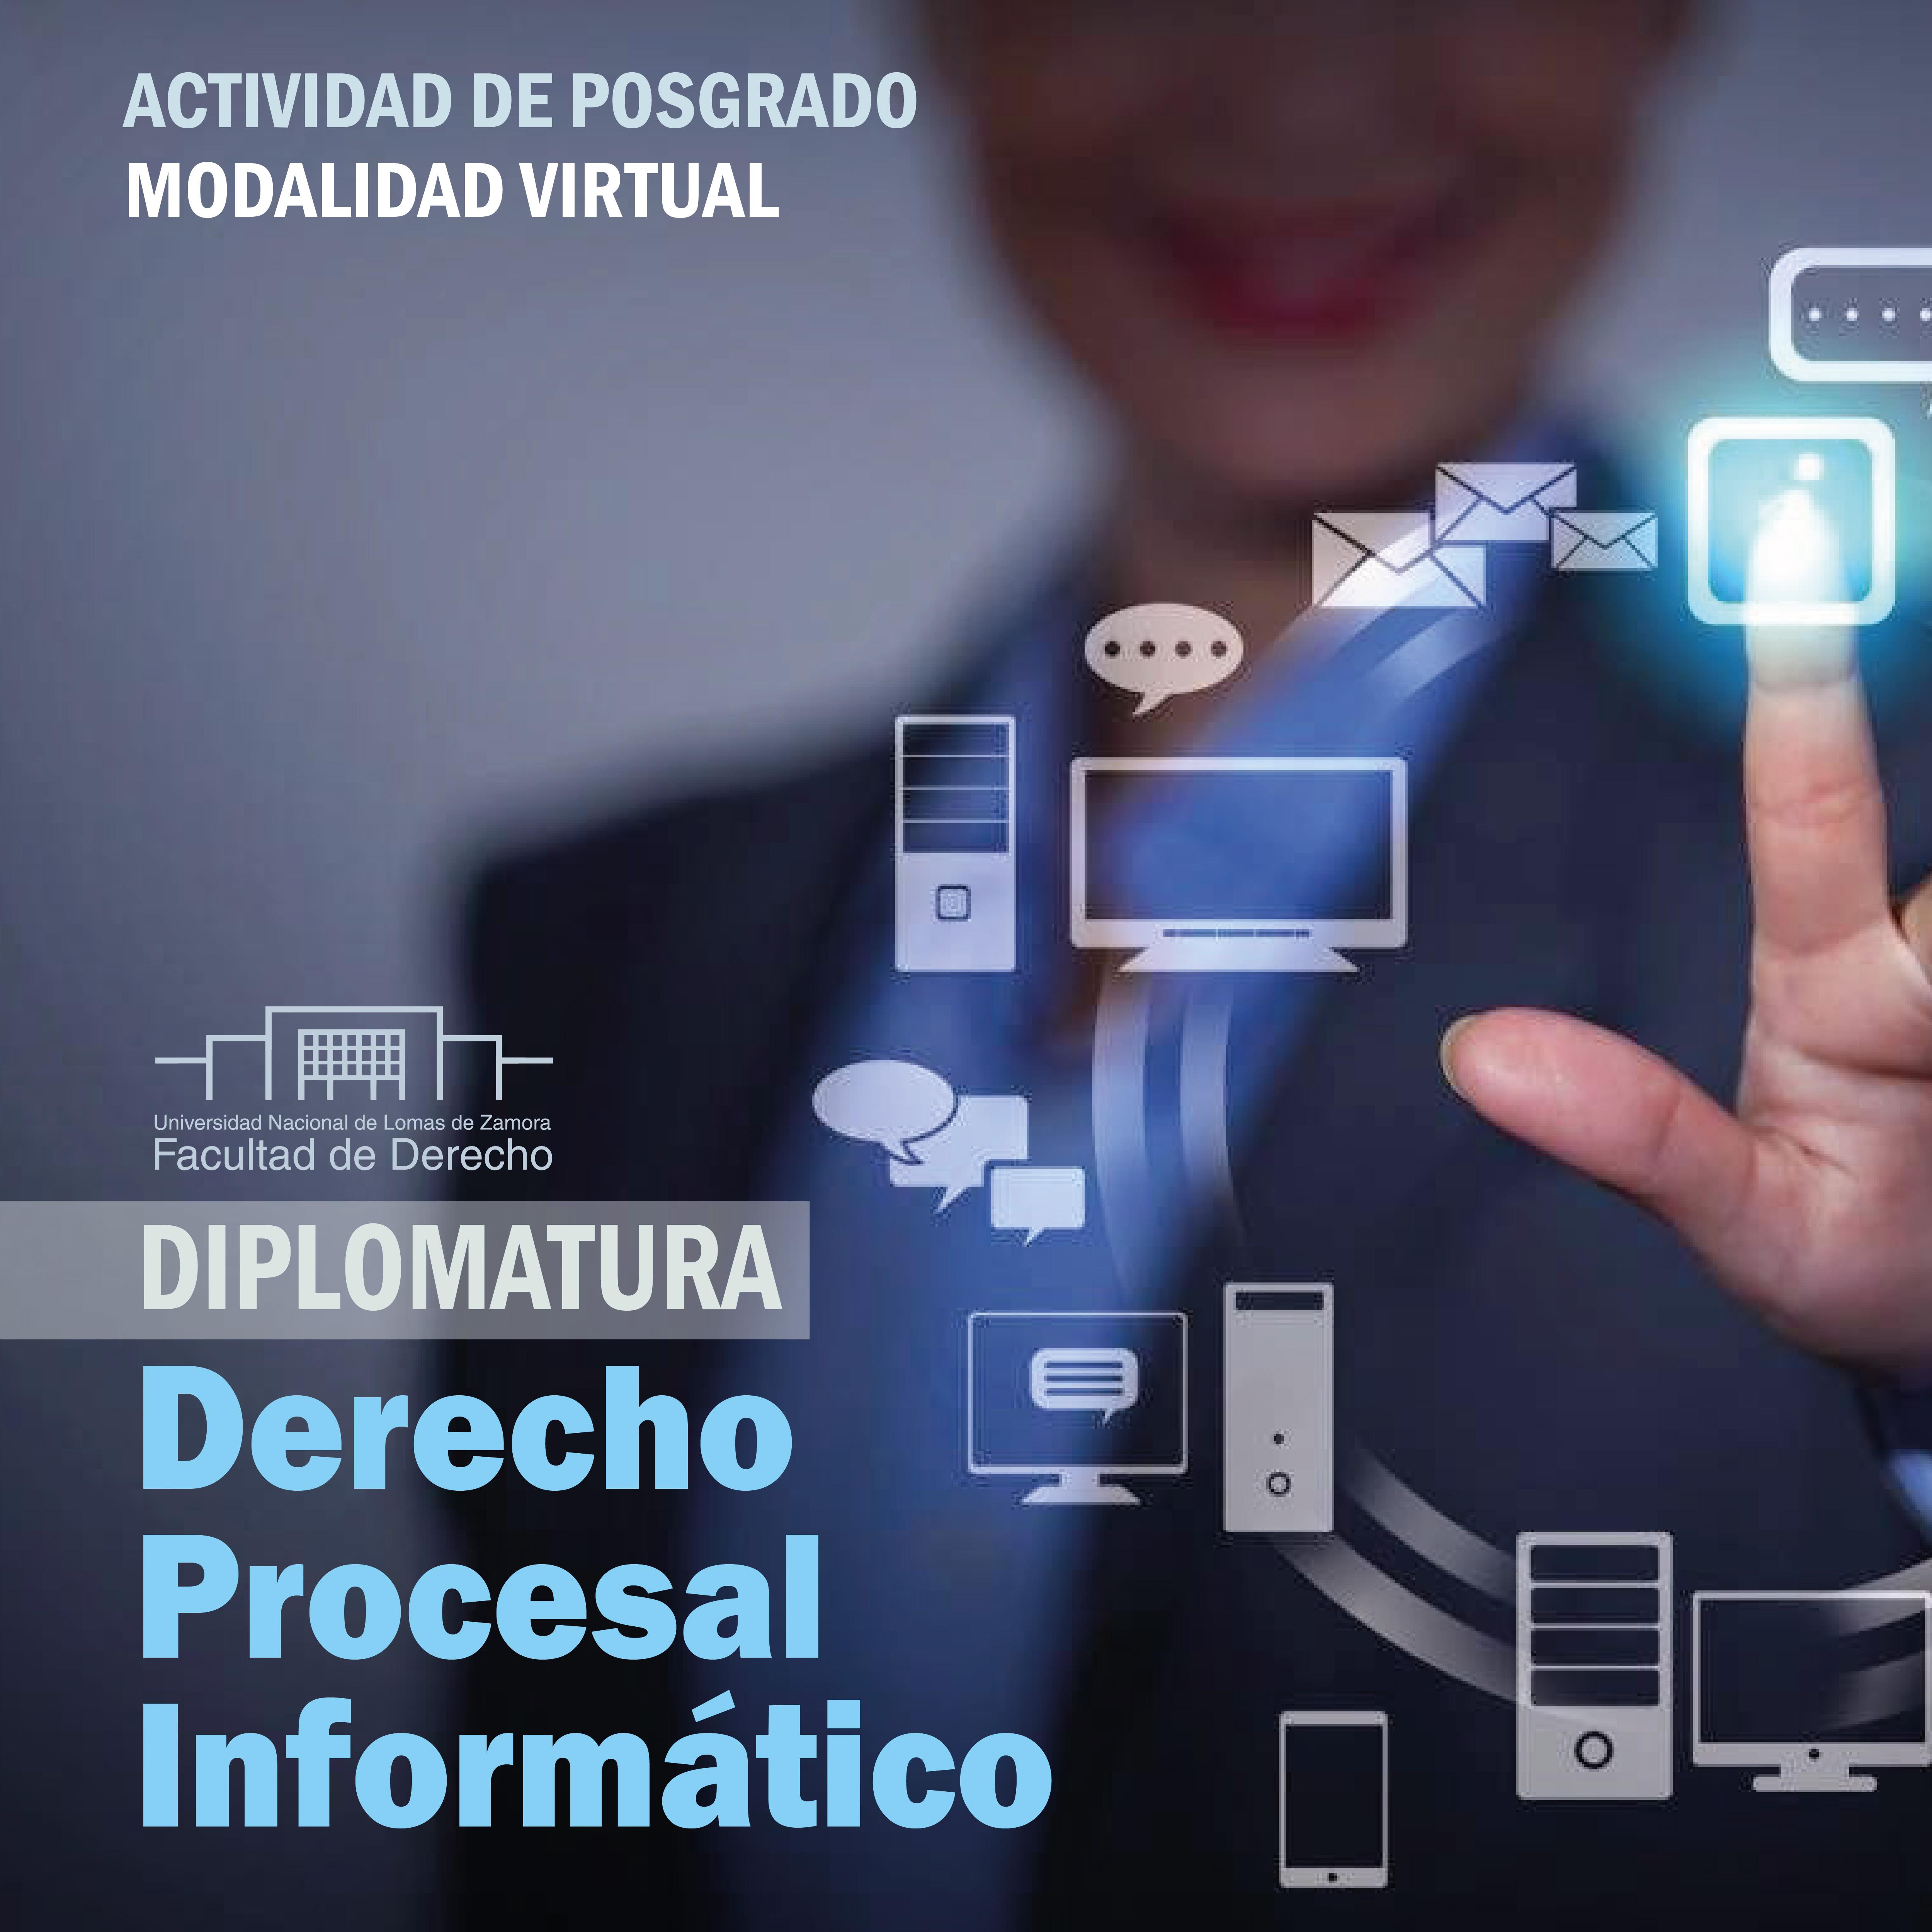 Diplomatura en Derecho Procesal Informático